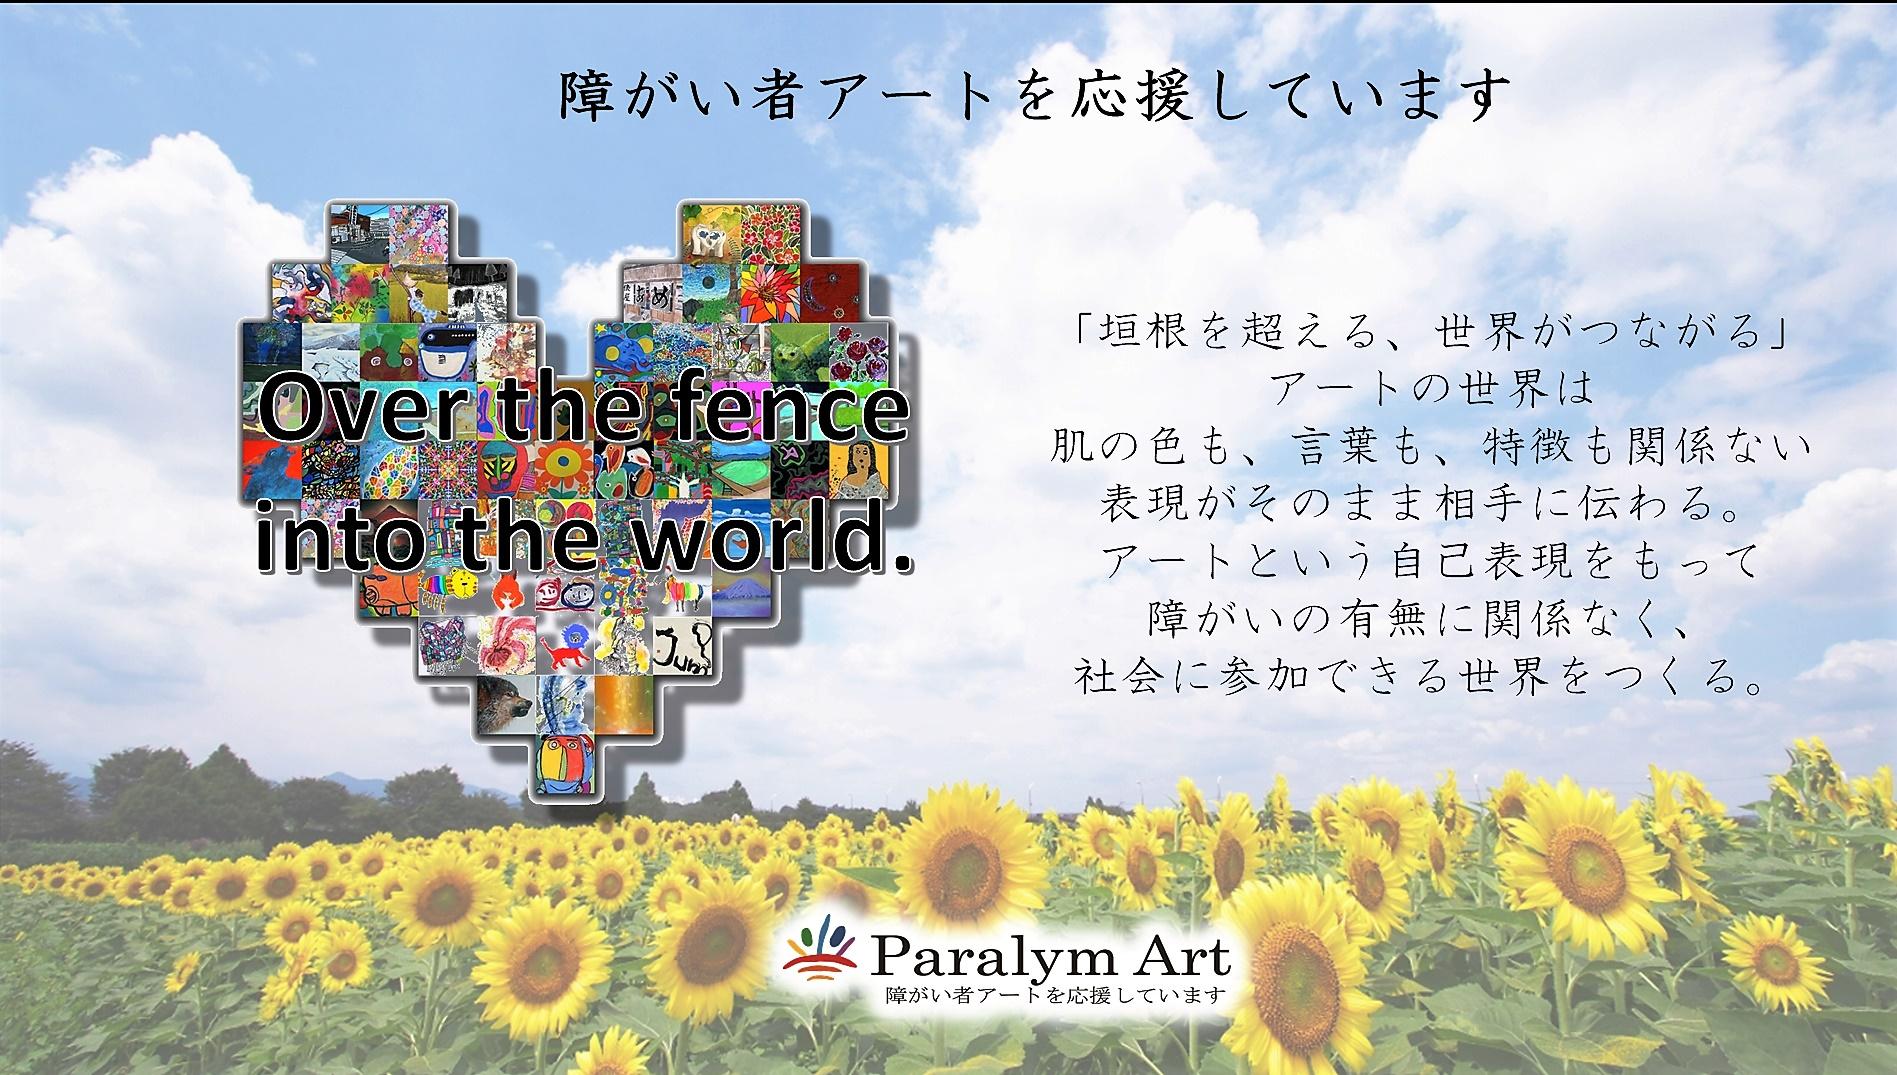 [パラリンアートは「障がい者がアートで夢を叶える世界」を作ります。]の画像